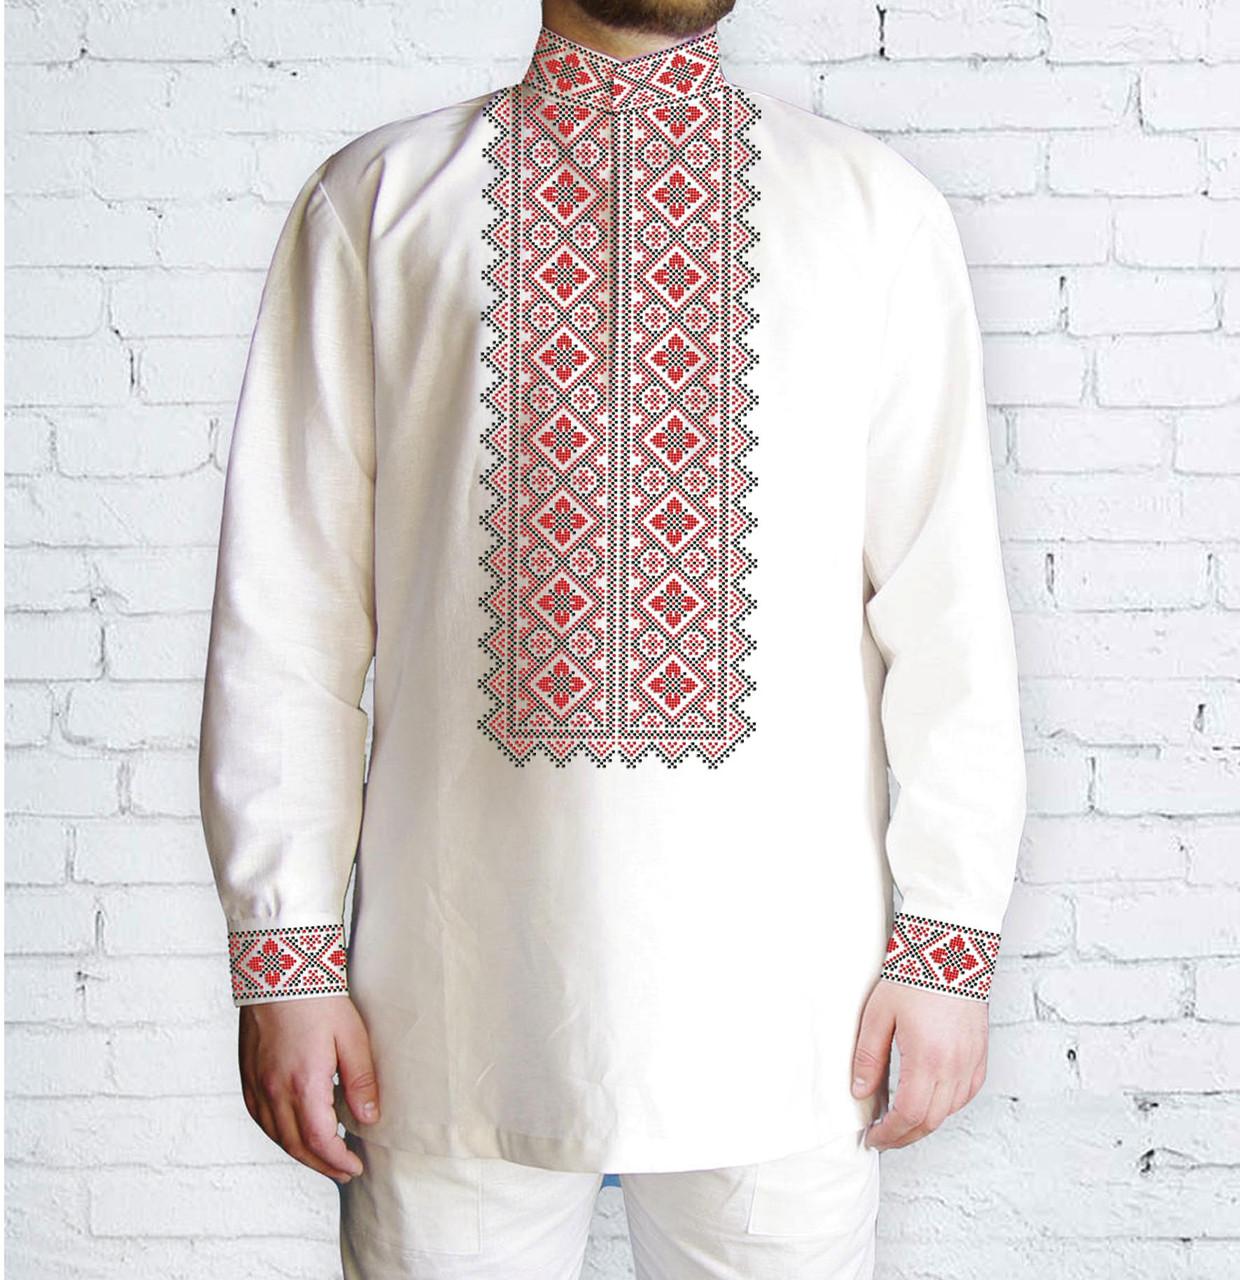 Заготовка чоловічої сорочки та вишиванки для вишивки чи вишивання бісером Бисерок «542 Ч» (Ч-542 Ч  )